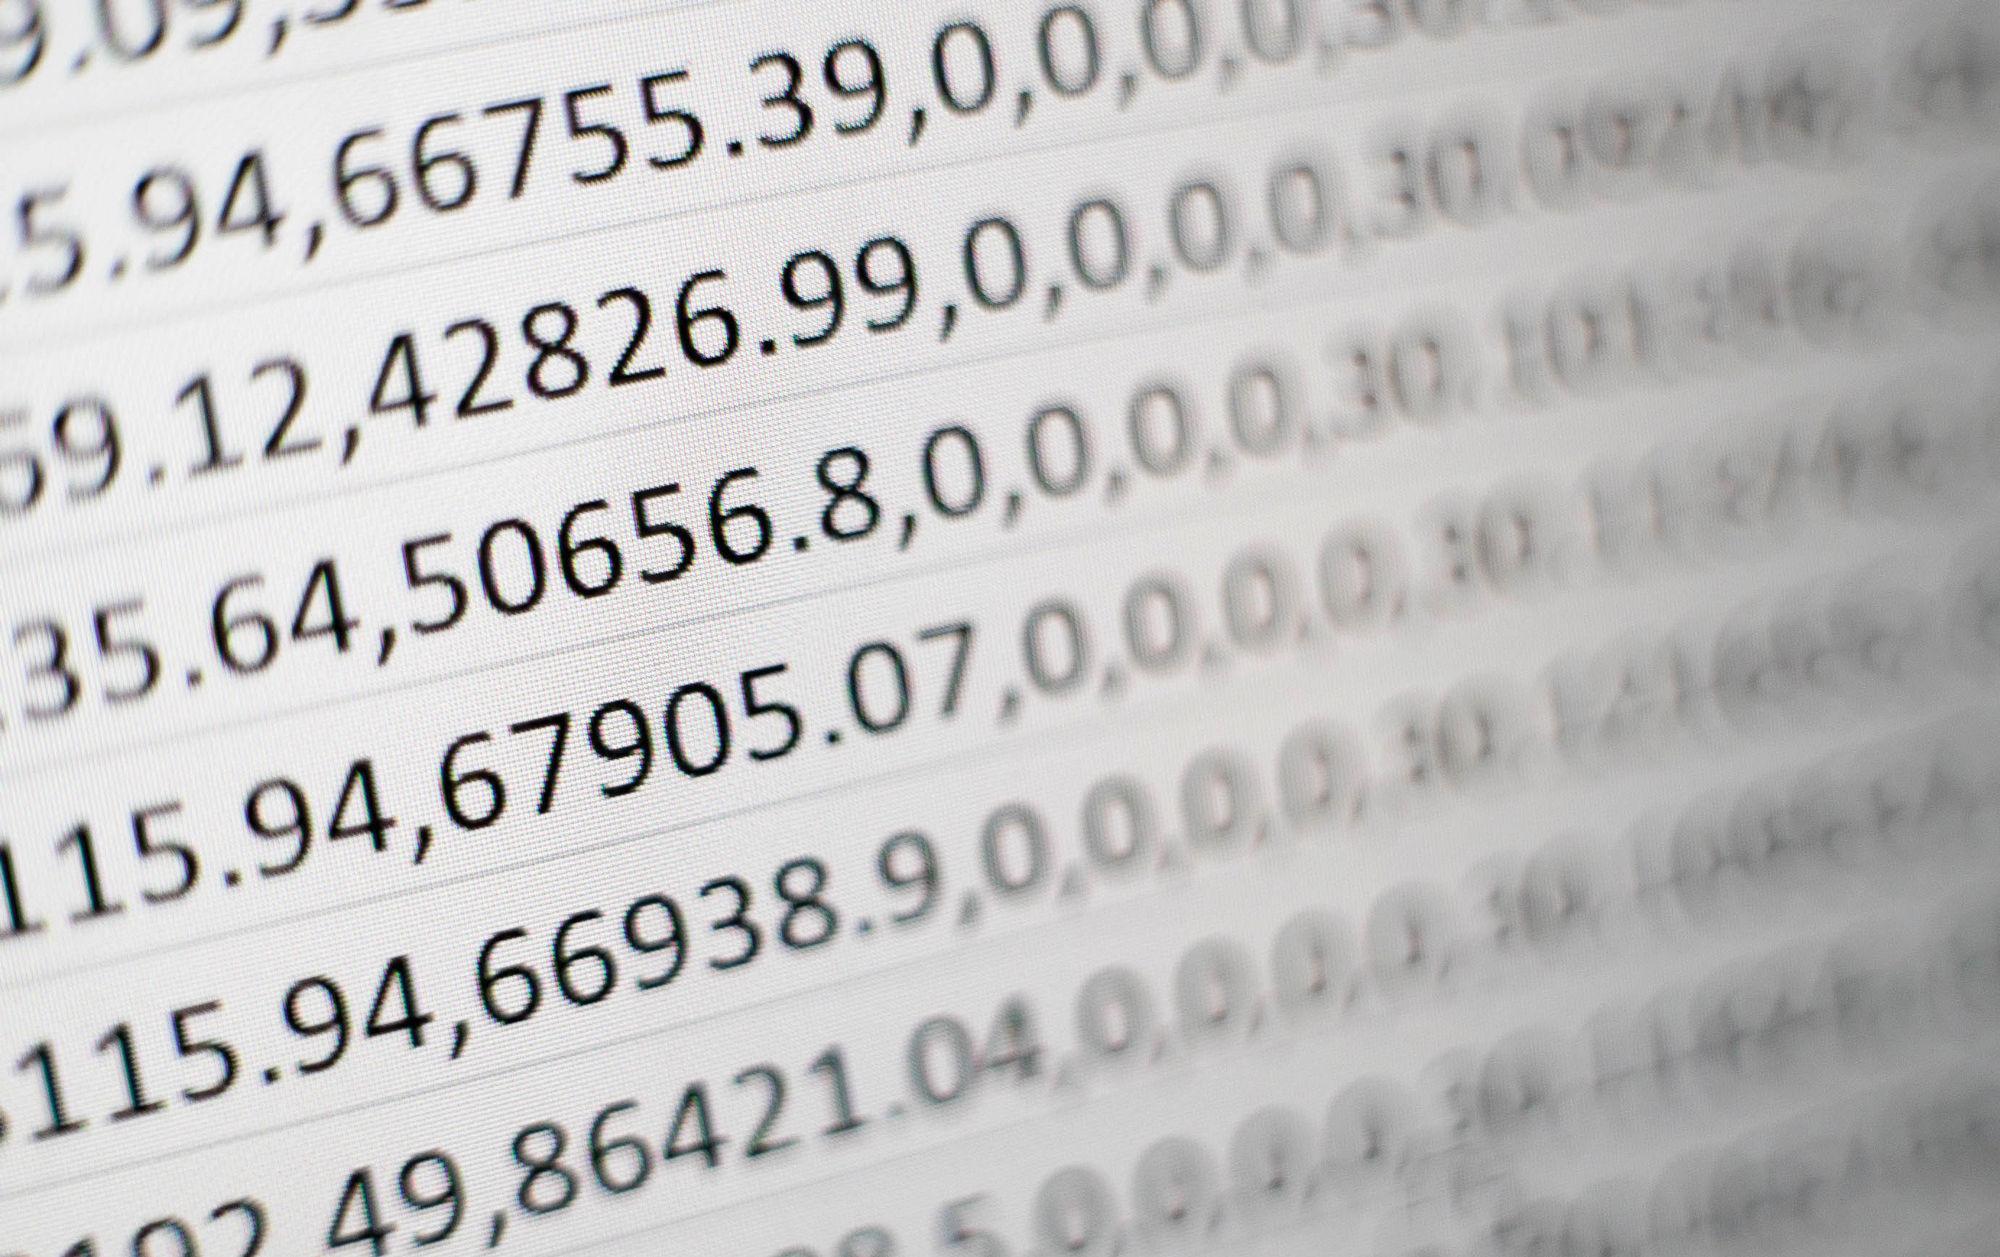 [빅데이터전문가] 플랫폼구축을 위한 빅데이터개발자 과정(자바&파이썬)